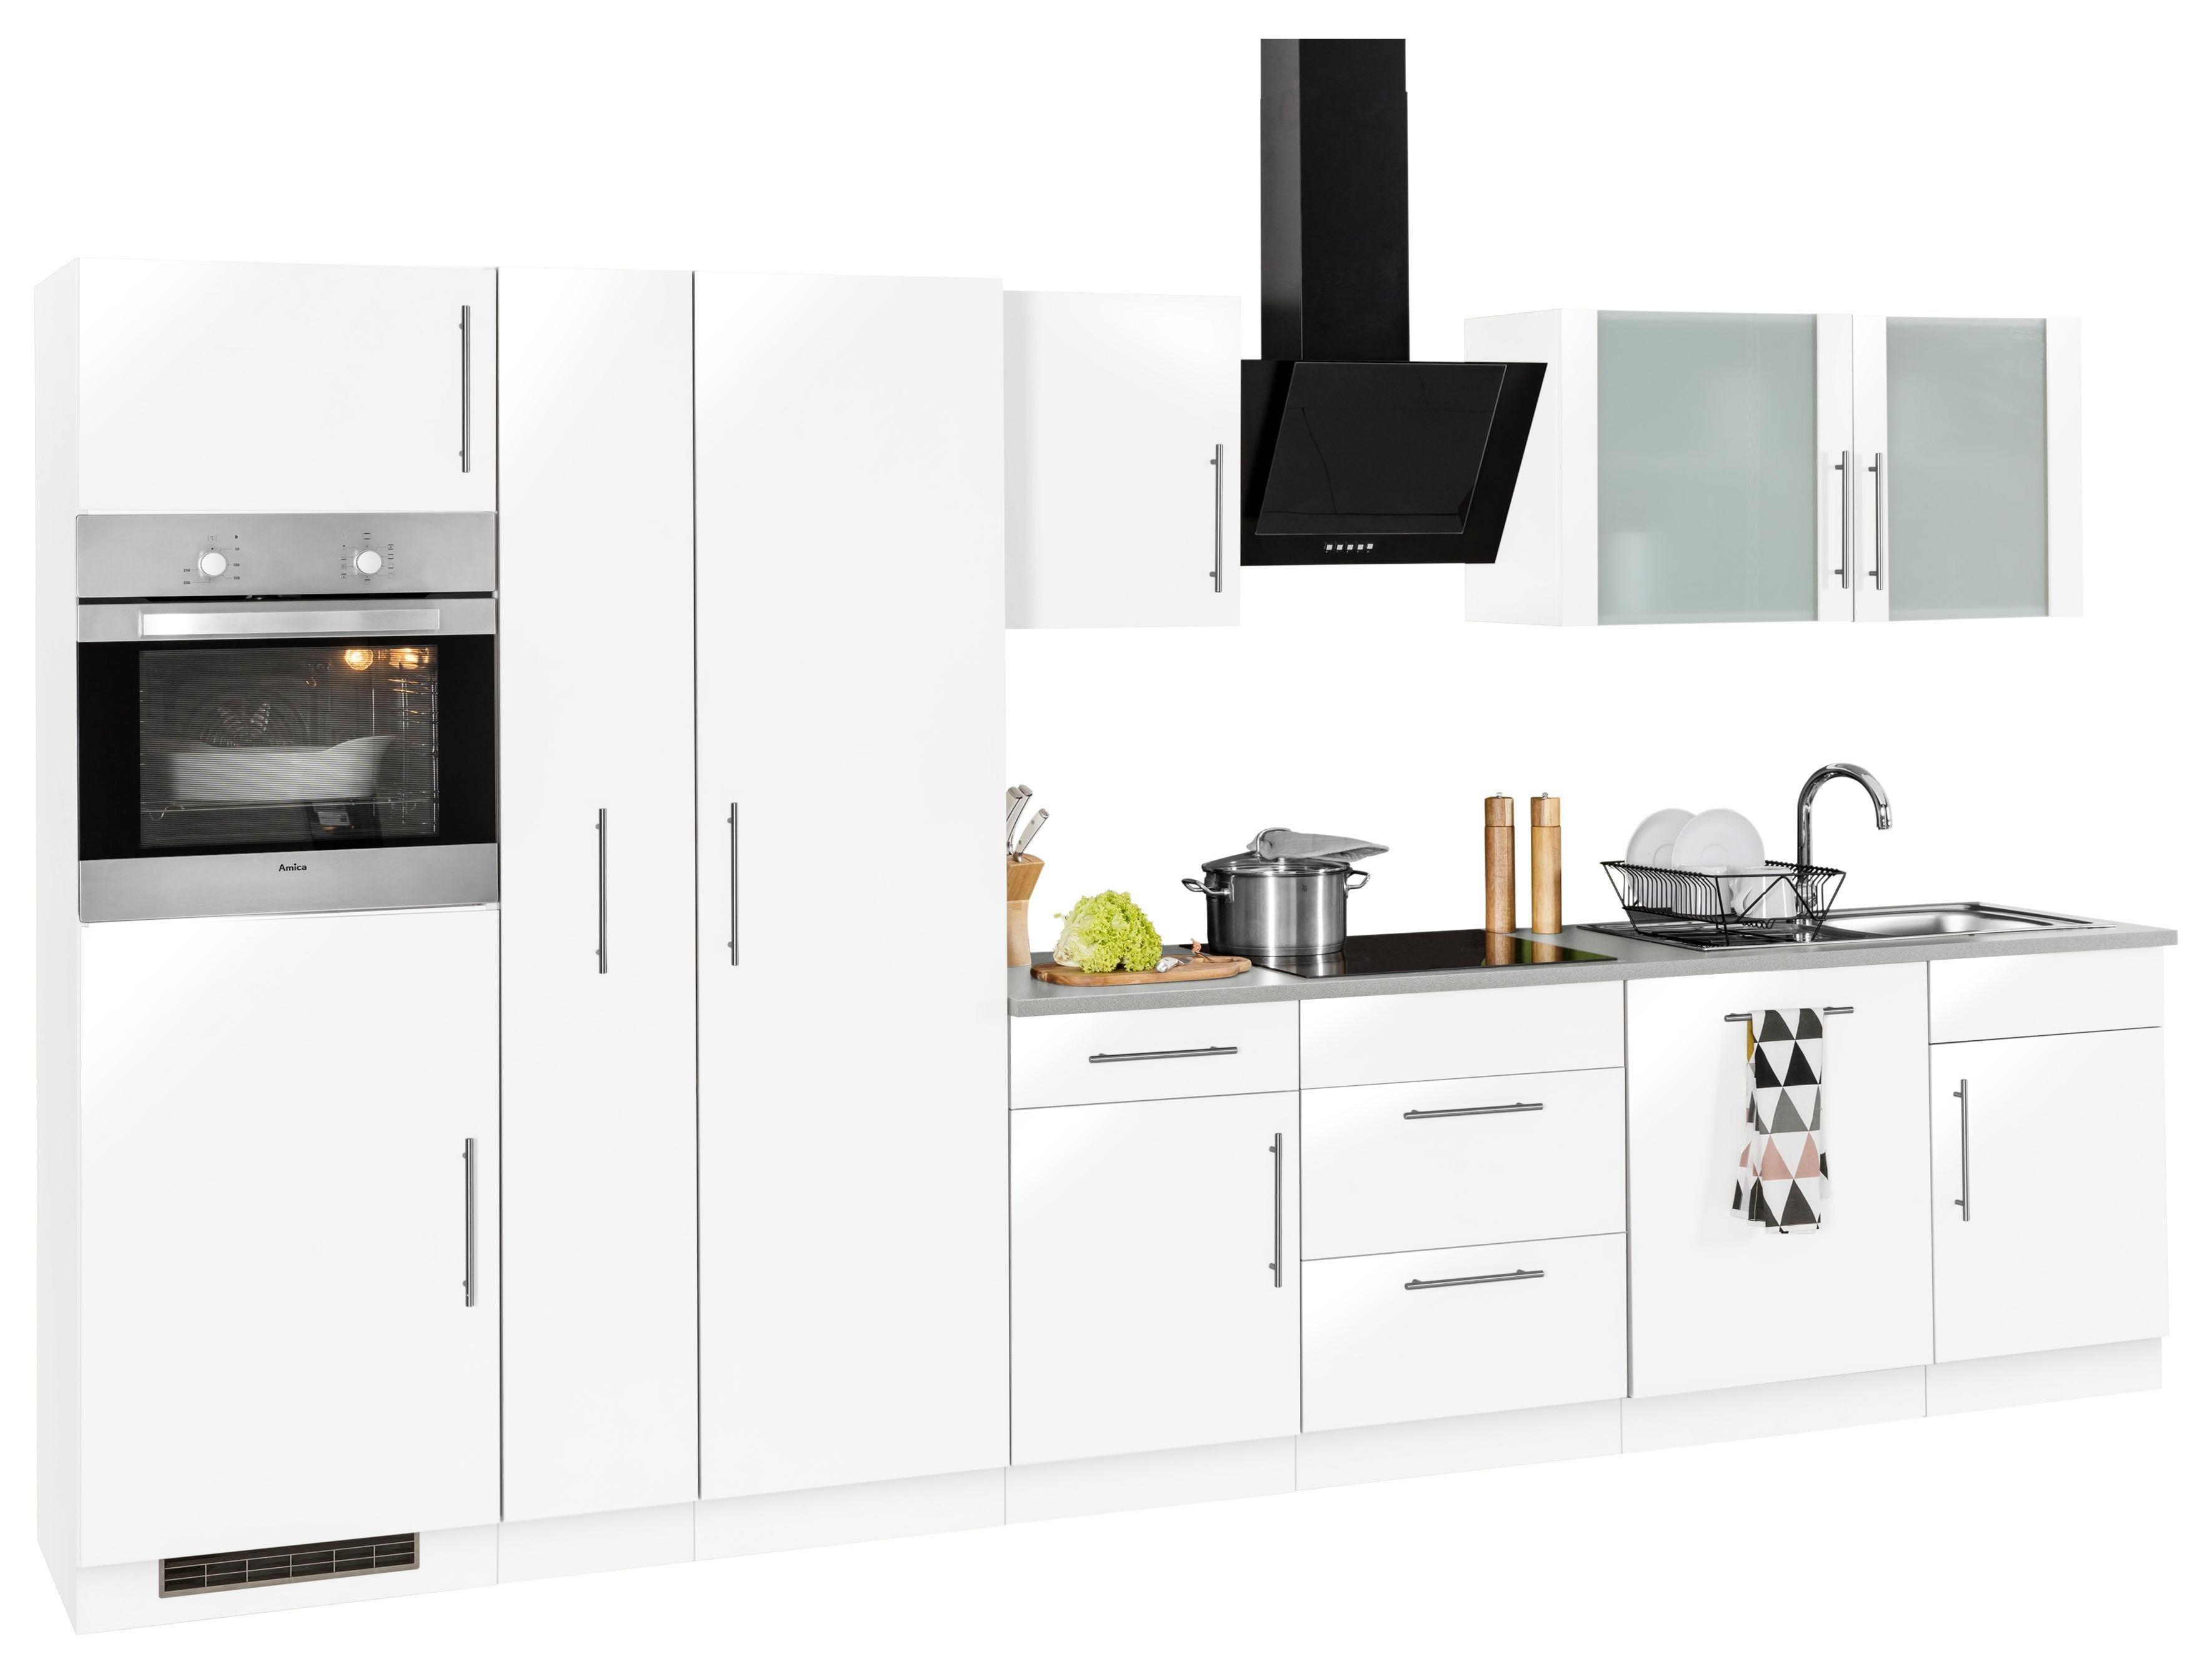 Stylife Küchenzeilen online kaufen | Möbel-Suchmaschine | ladendirekt.de